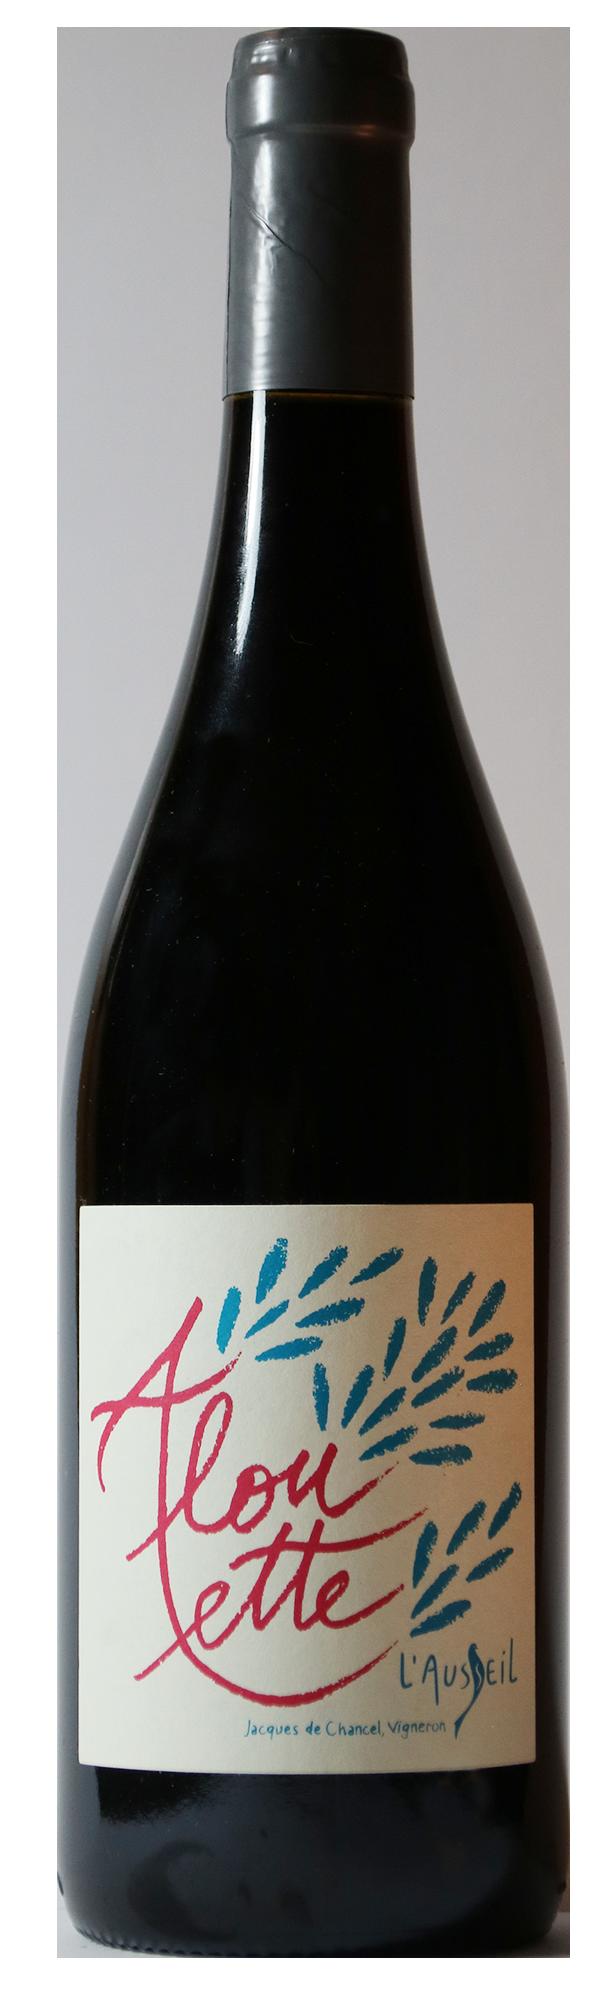 Bouteille de vin rouge naturel, cuvée Alouette 2018 Domaine de l'Ausseil